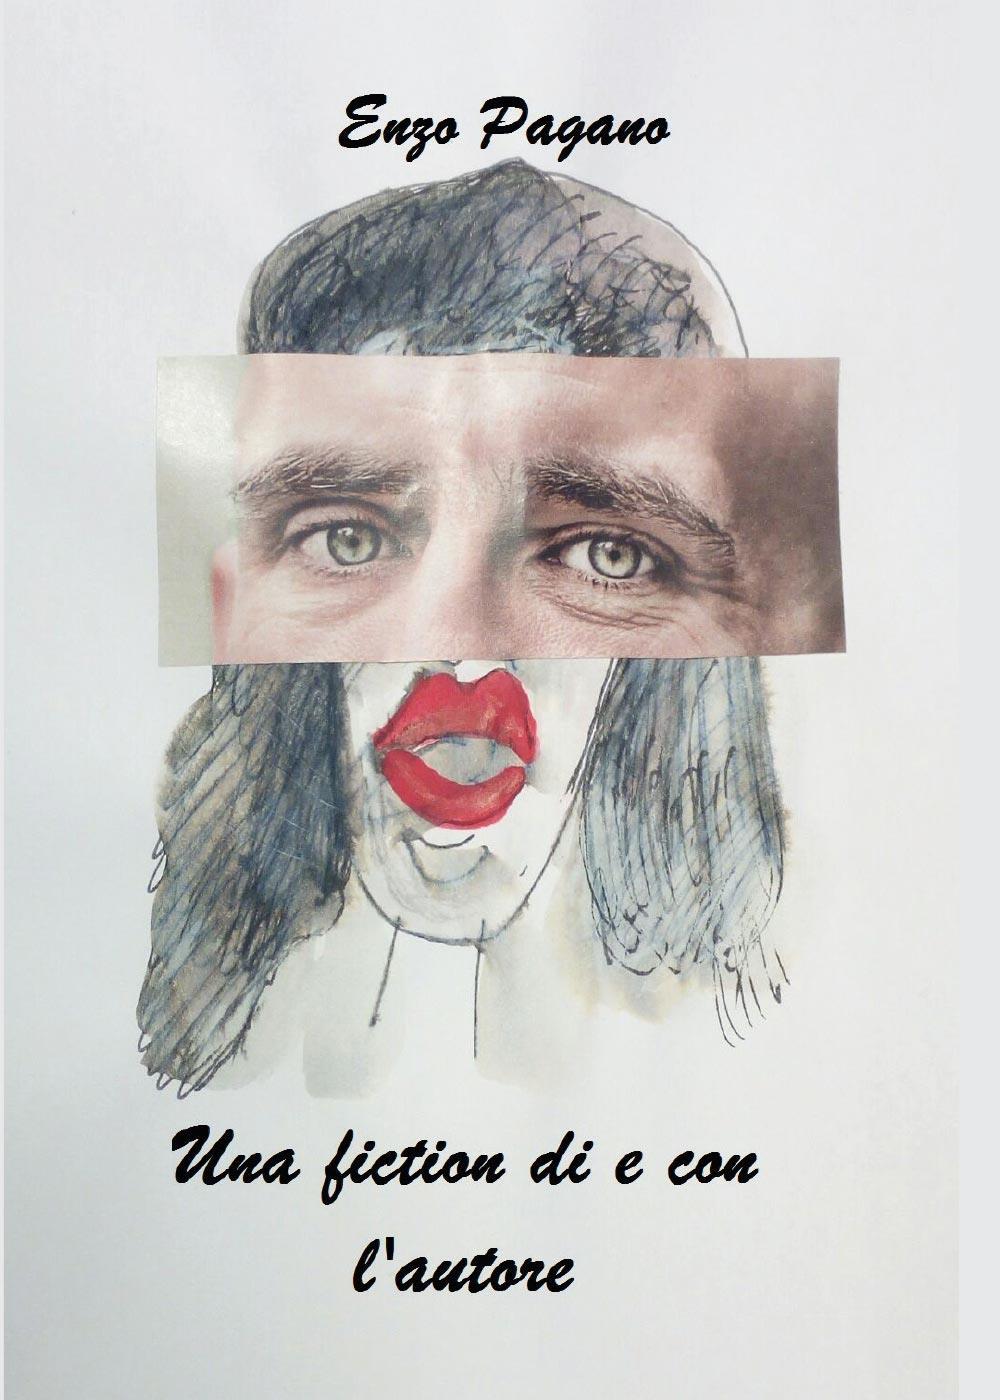 Una fiction di e con l'autore